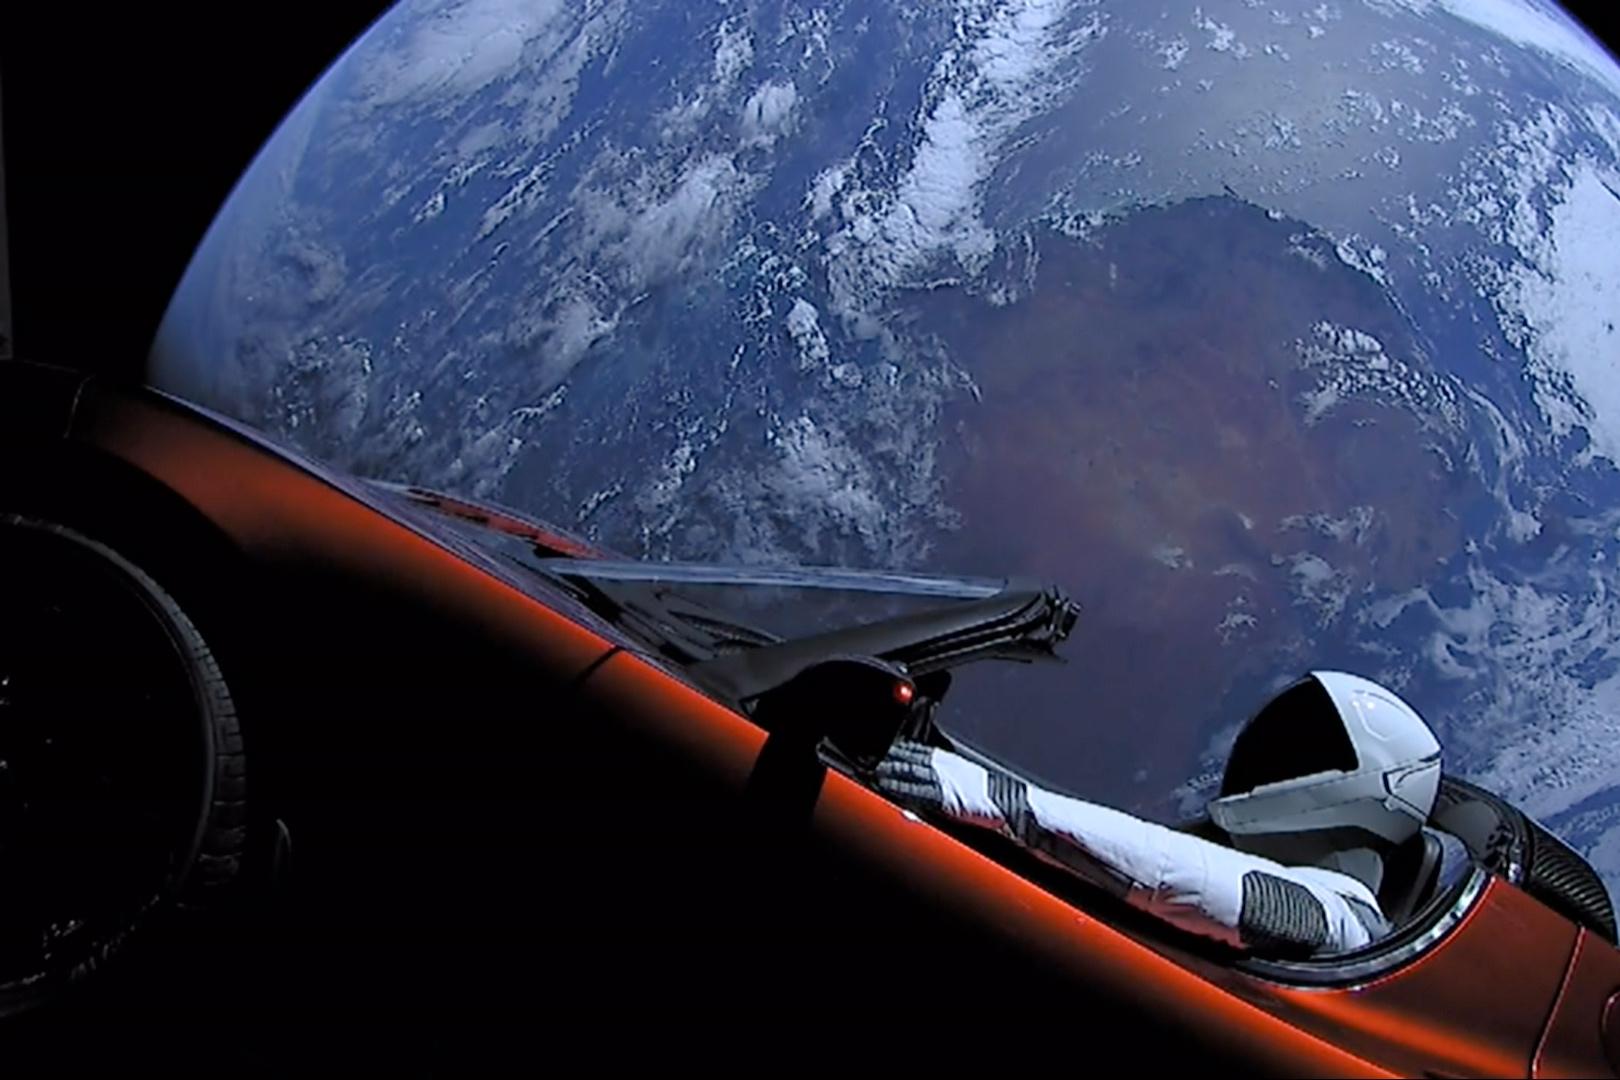 Elon_Musk%27s_Tesla_Roadster_%2840143096241%29.jpg